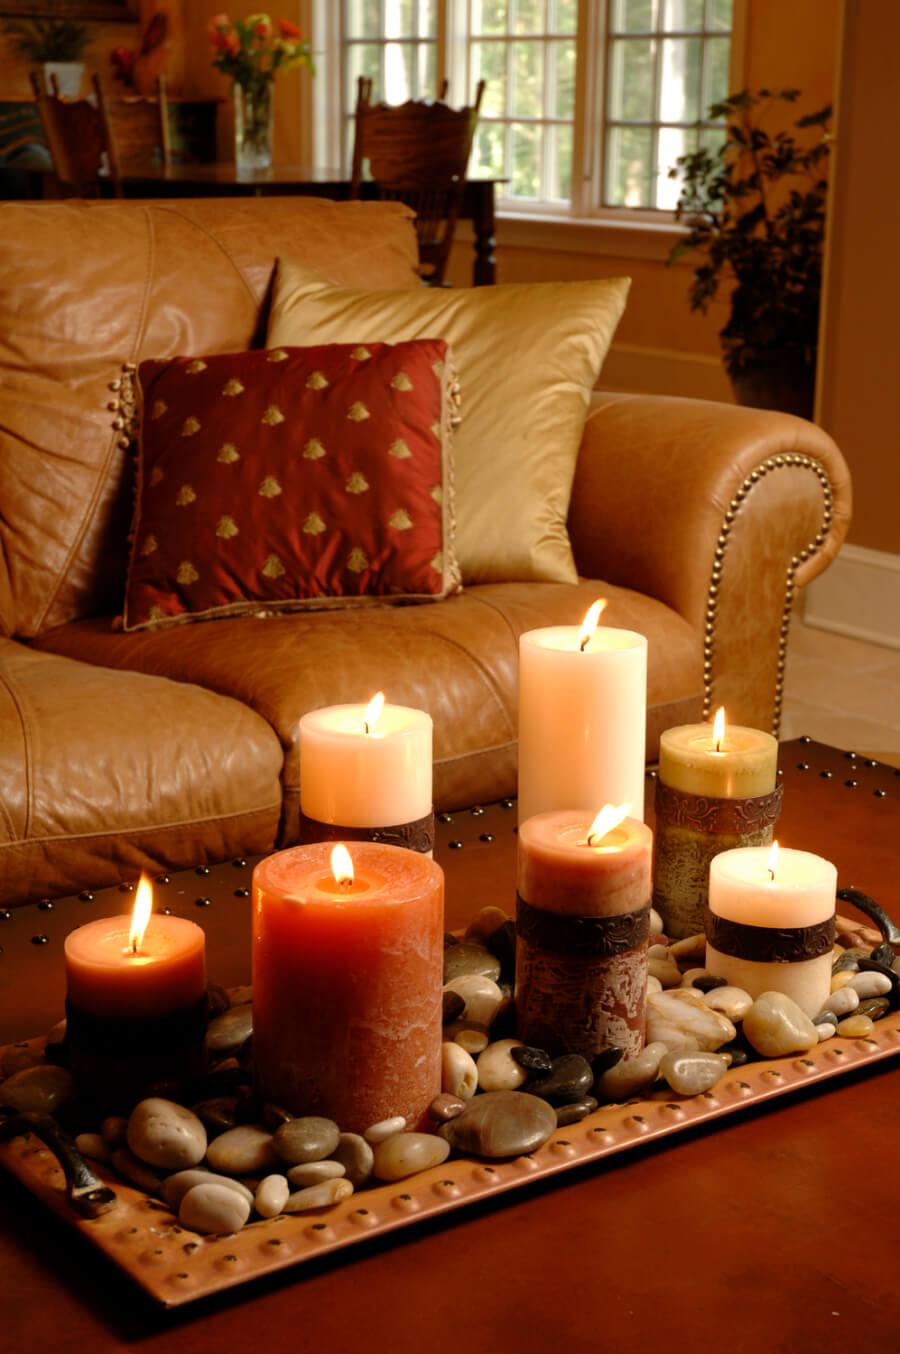 34 magnifiques id es de d coration avec des bougies chasseurs d 39 astuces. Black Bedroom Furniture Sets. Home Design Ideas